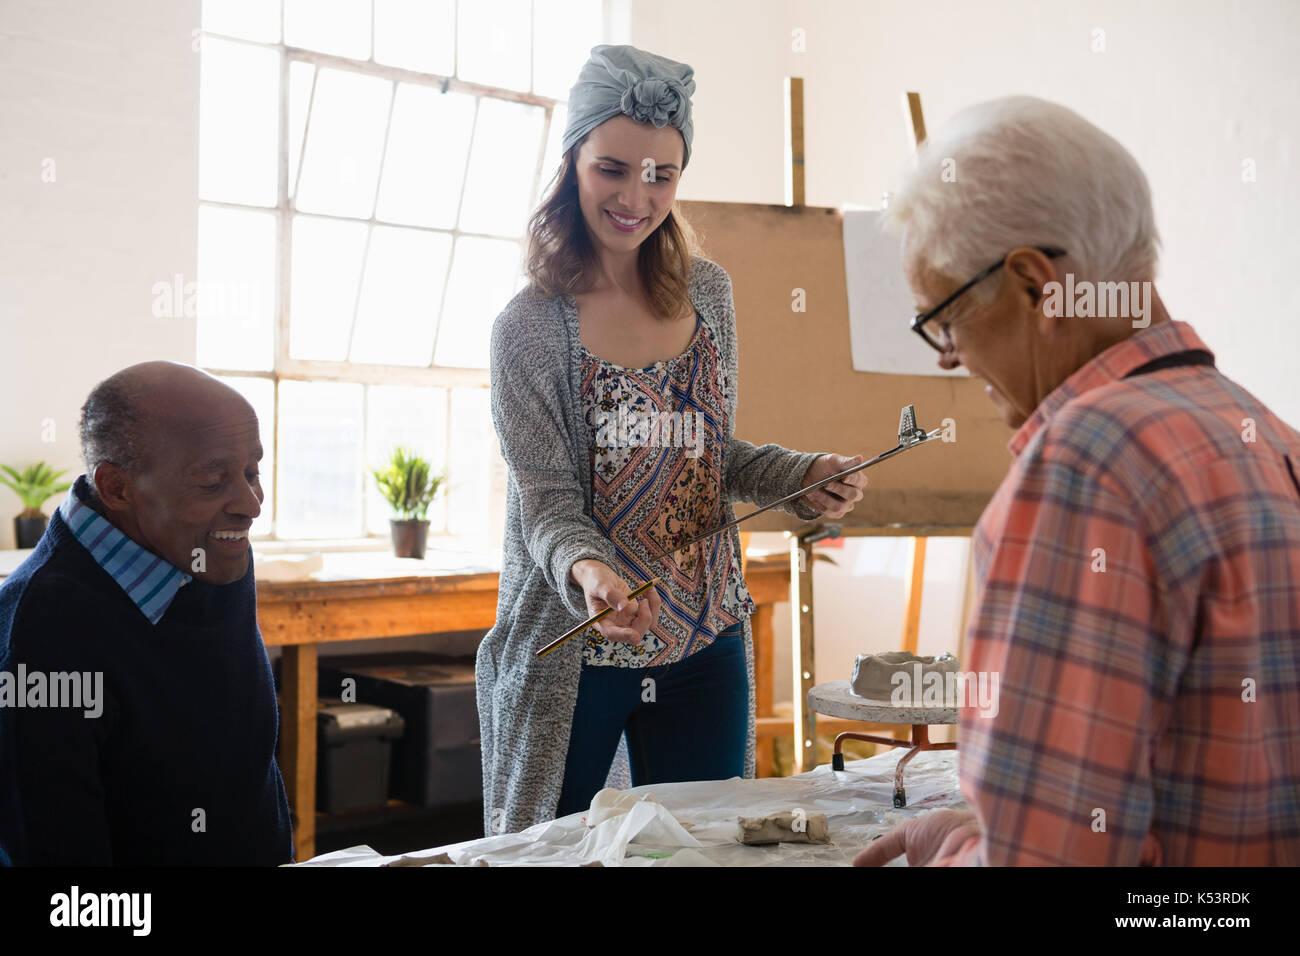 Lächelnd weibliche Holding Zwischenablage beim Gespräch mit männlicher Künstler im Kunstunterricht Stockbild